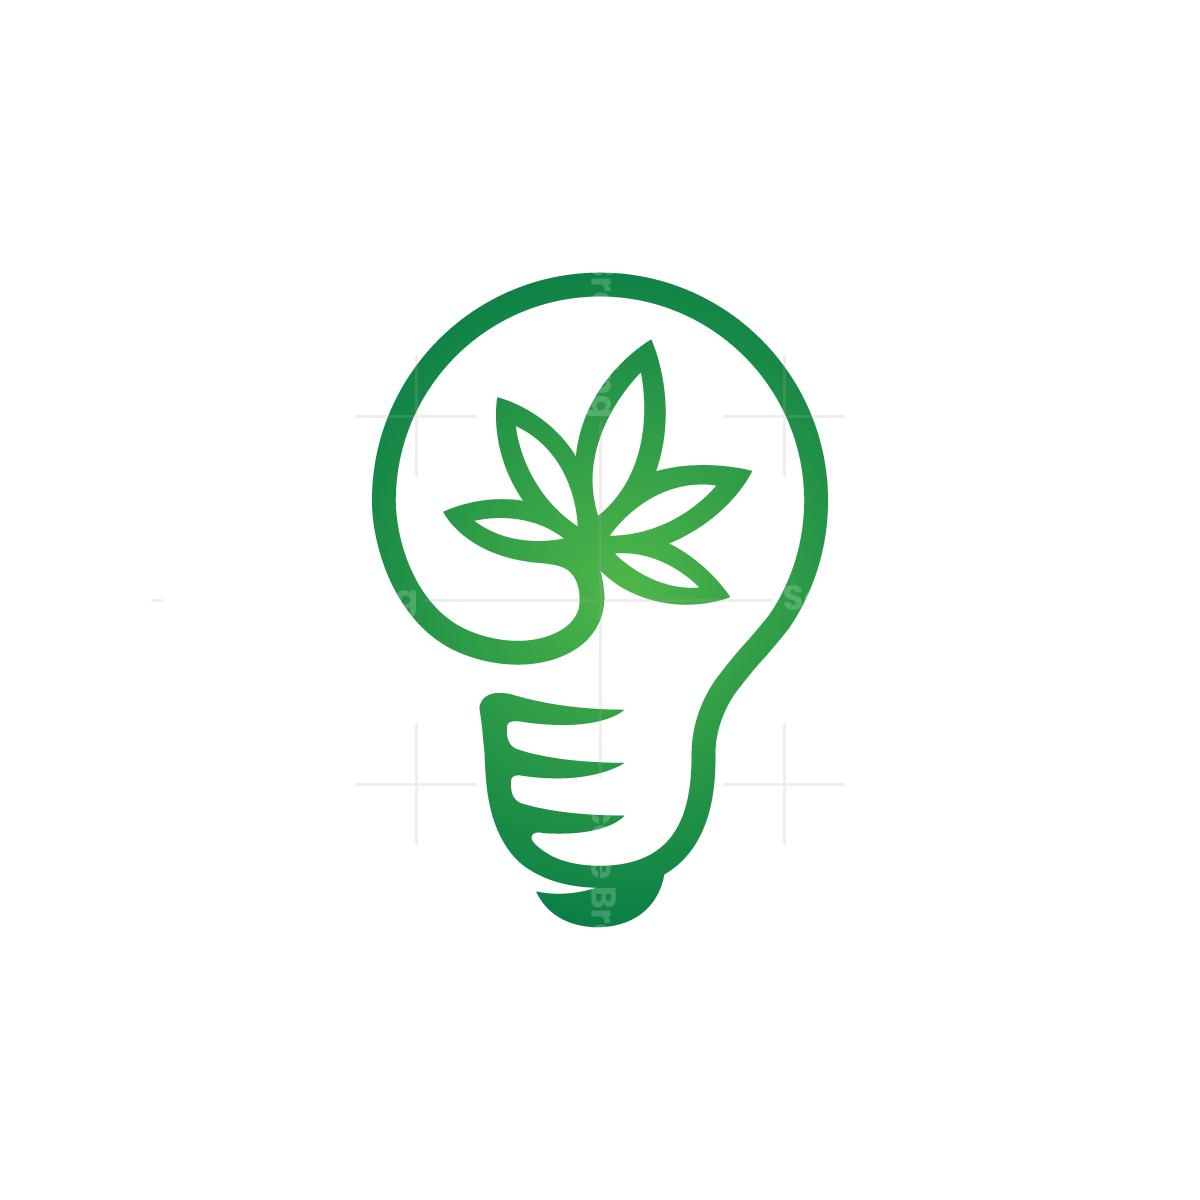 Light Bulb Cannabis Logo